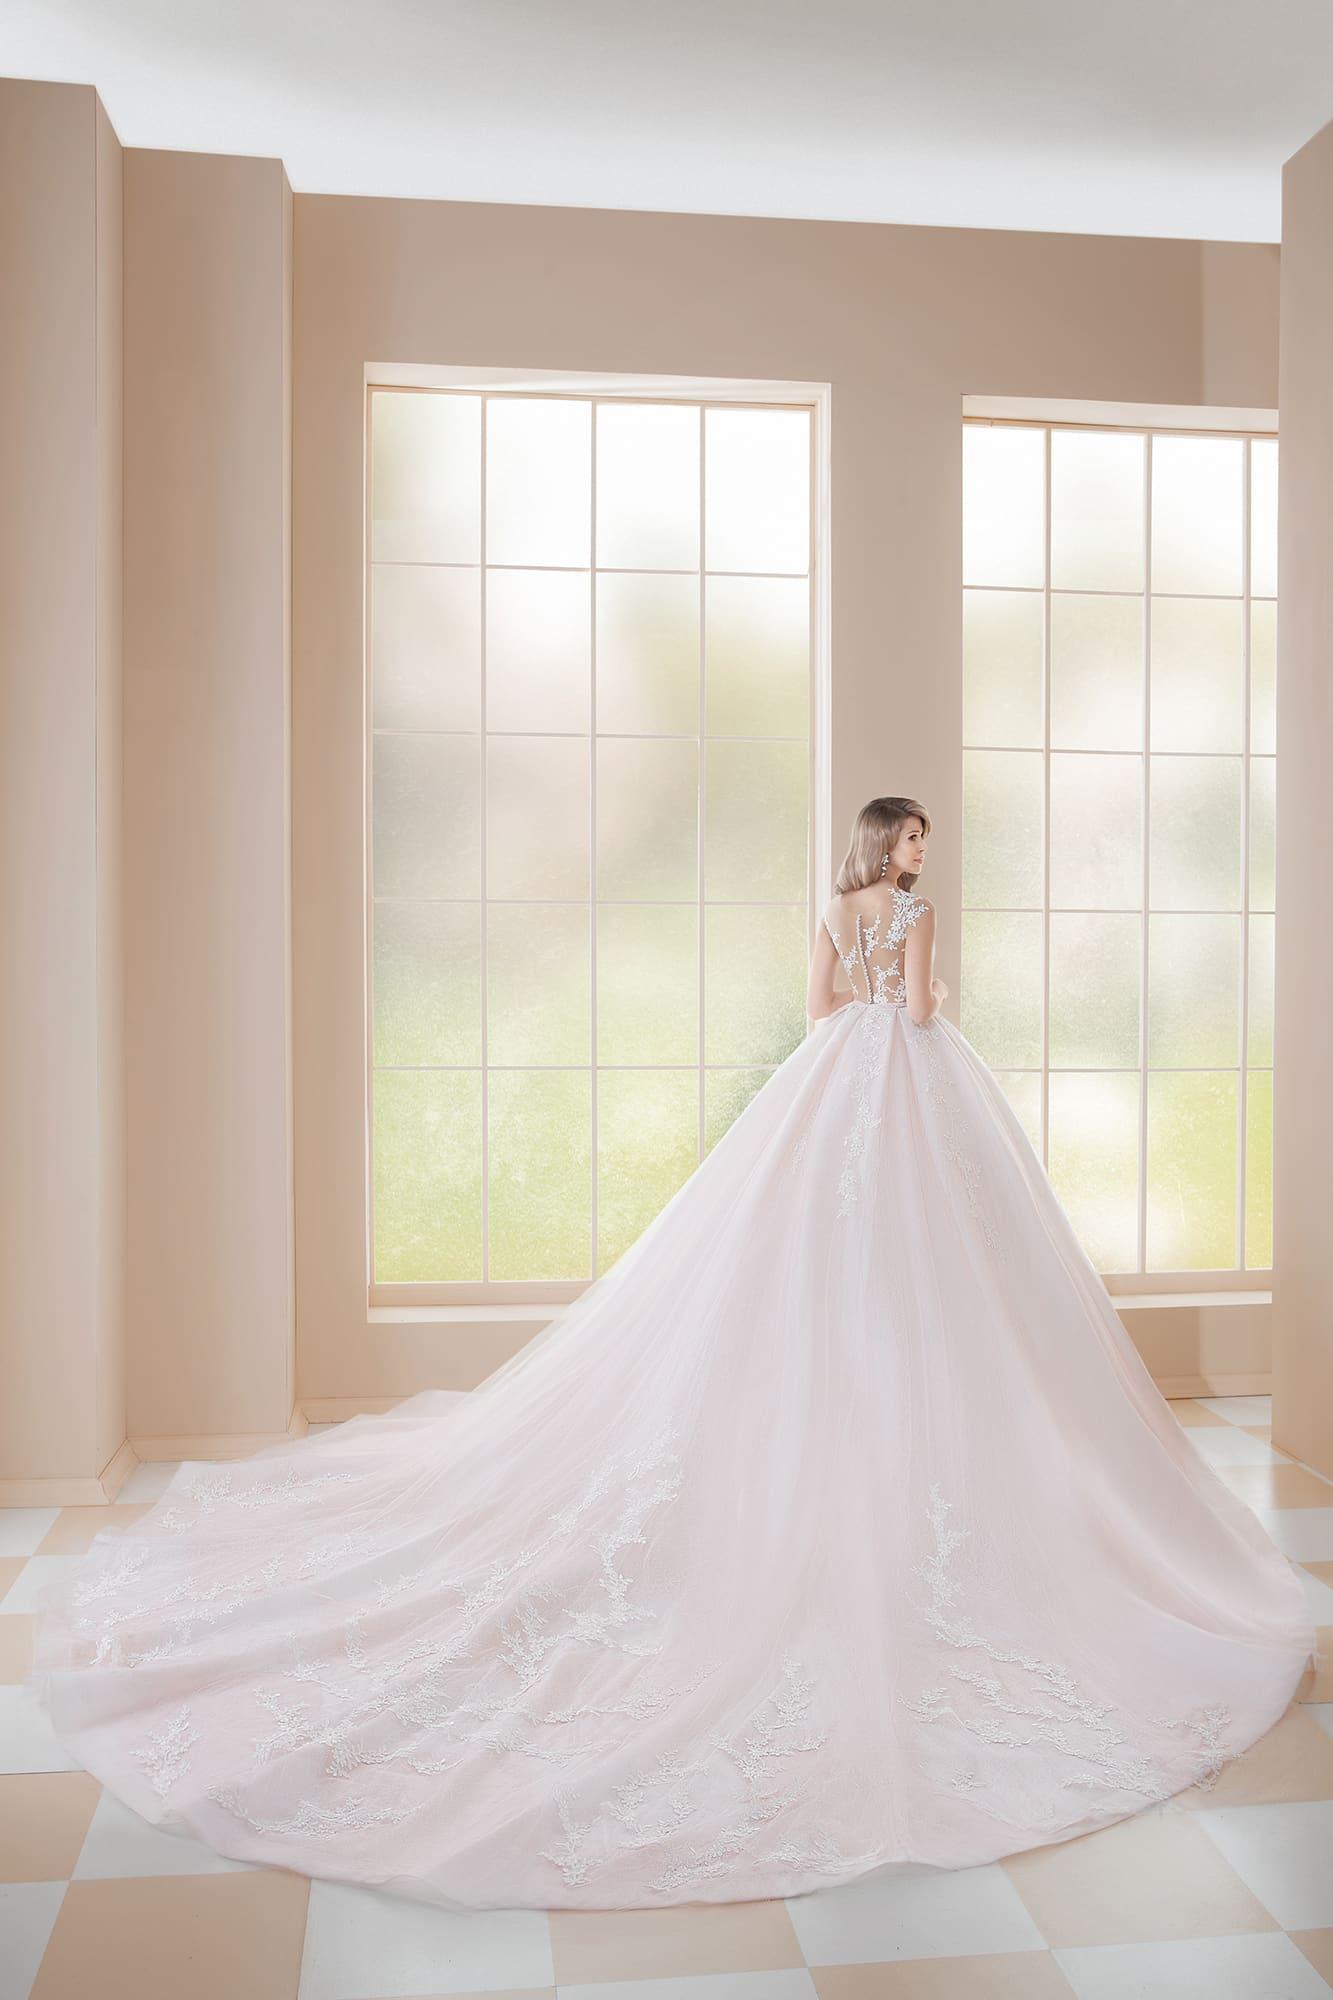 Пышное свадебное платье в кремовых тонах, с невероятно длинным шлейфом.